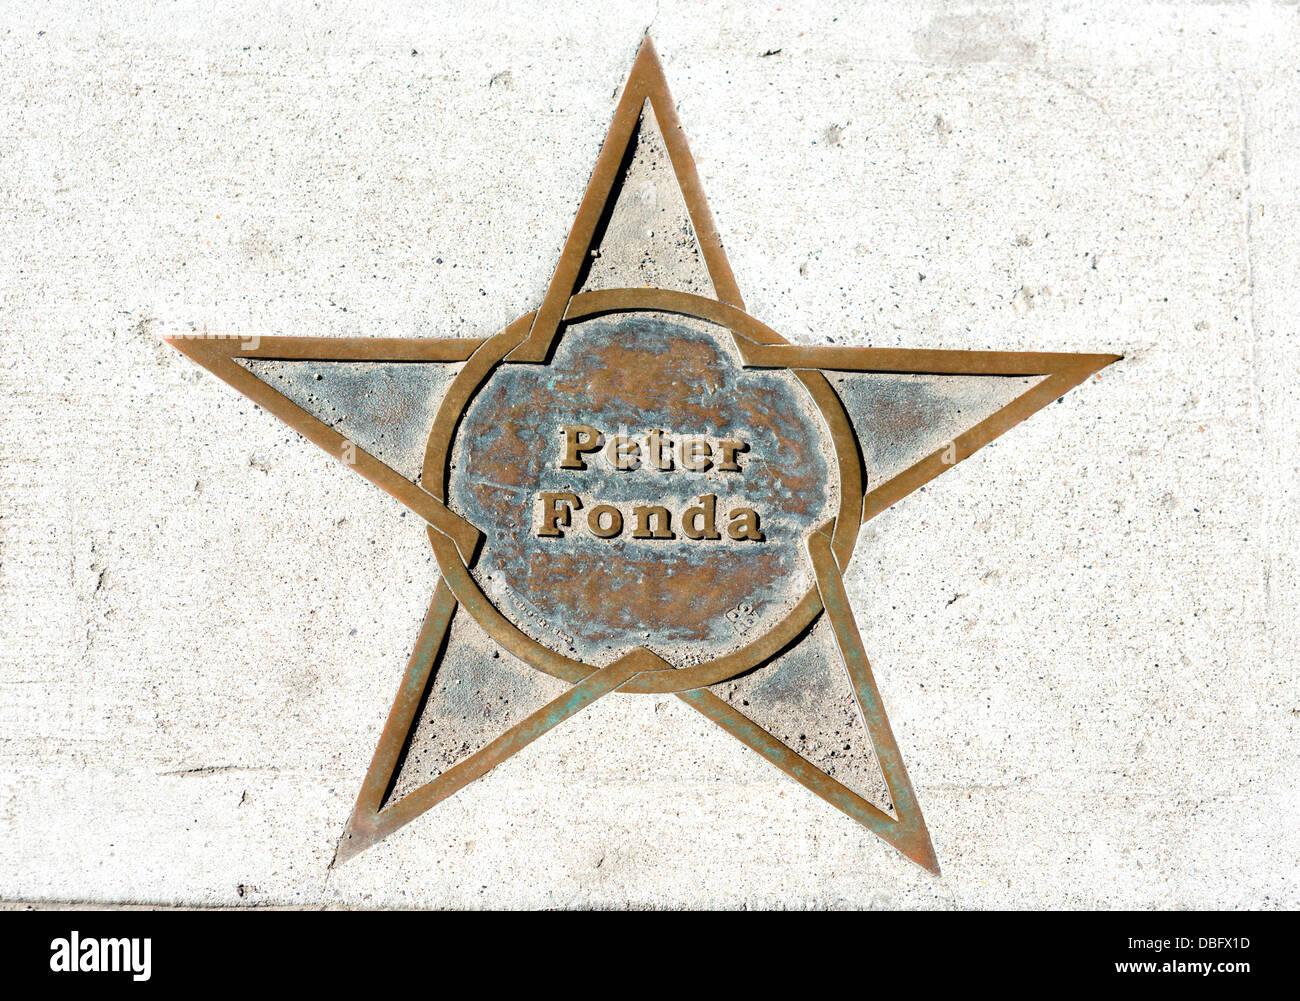 Peter Fonda Stern auf dem Bürgersteig, Main Street, Bozeman, Montana, USA Stockbild